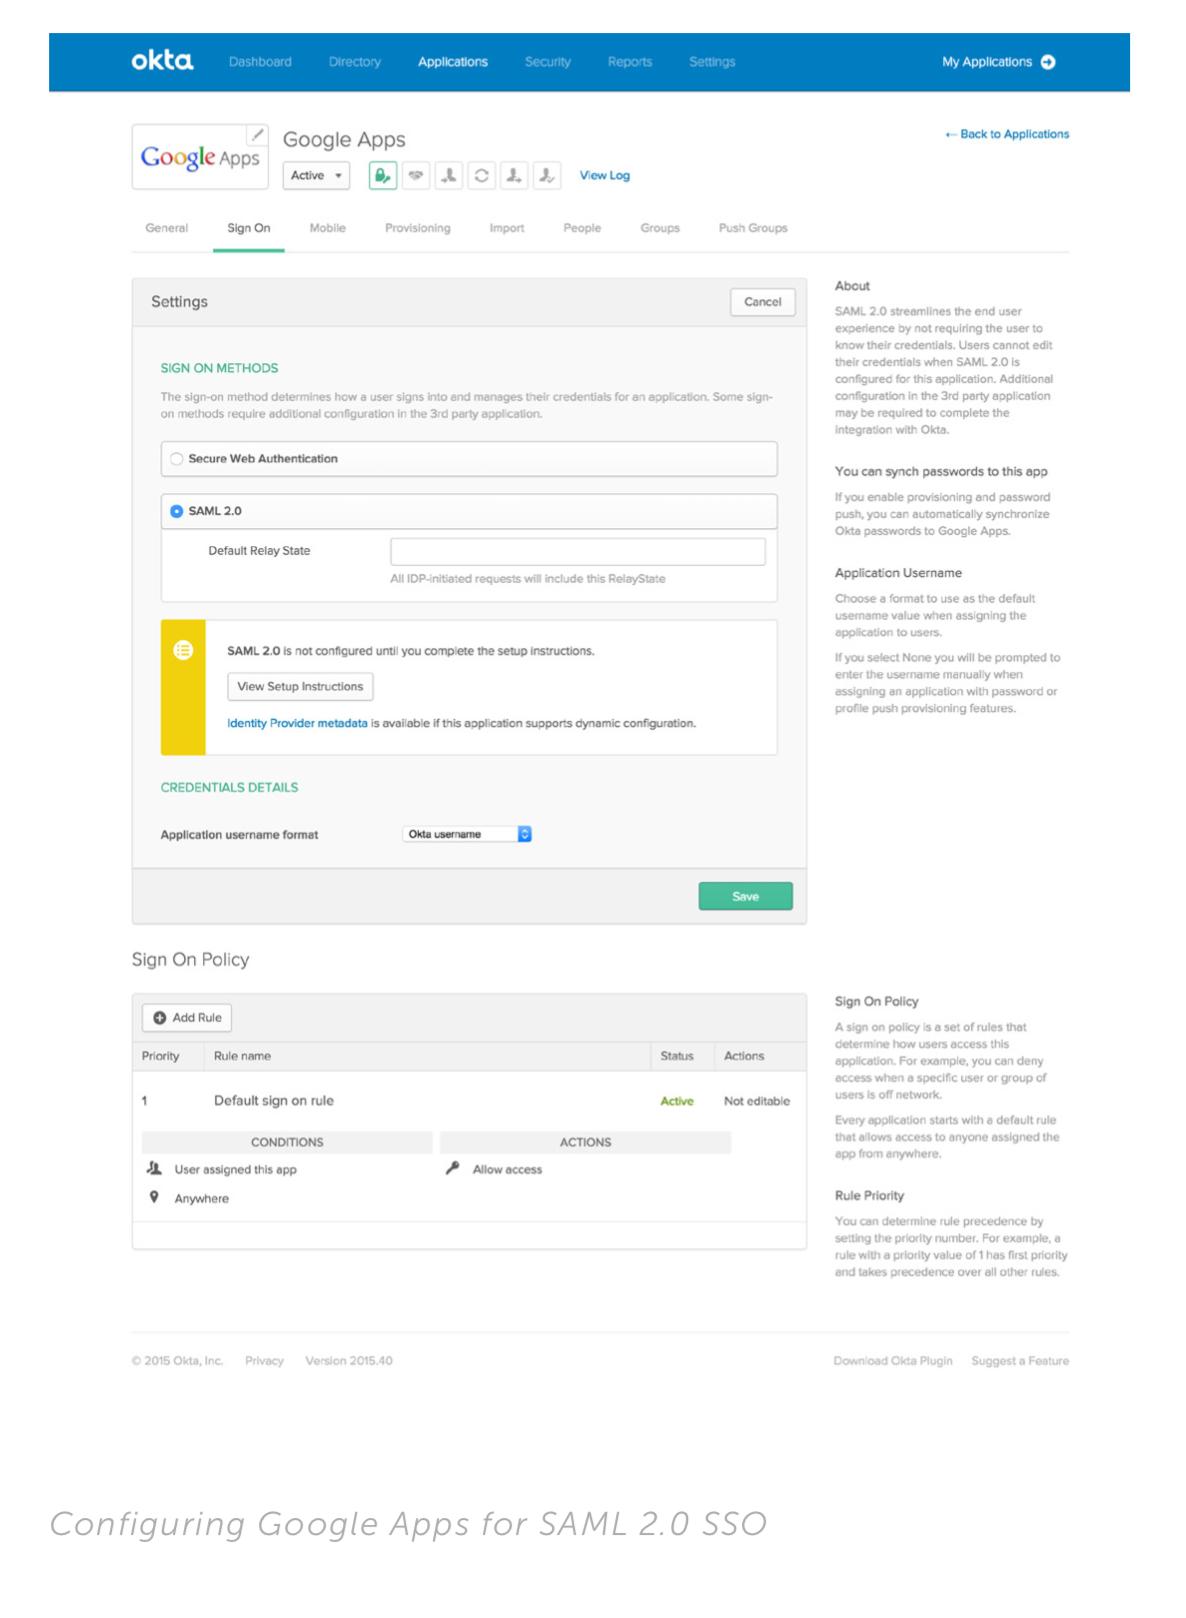 04/29/2019 – Okta: How Okta Integrates Applications | S&L